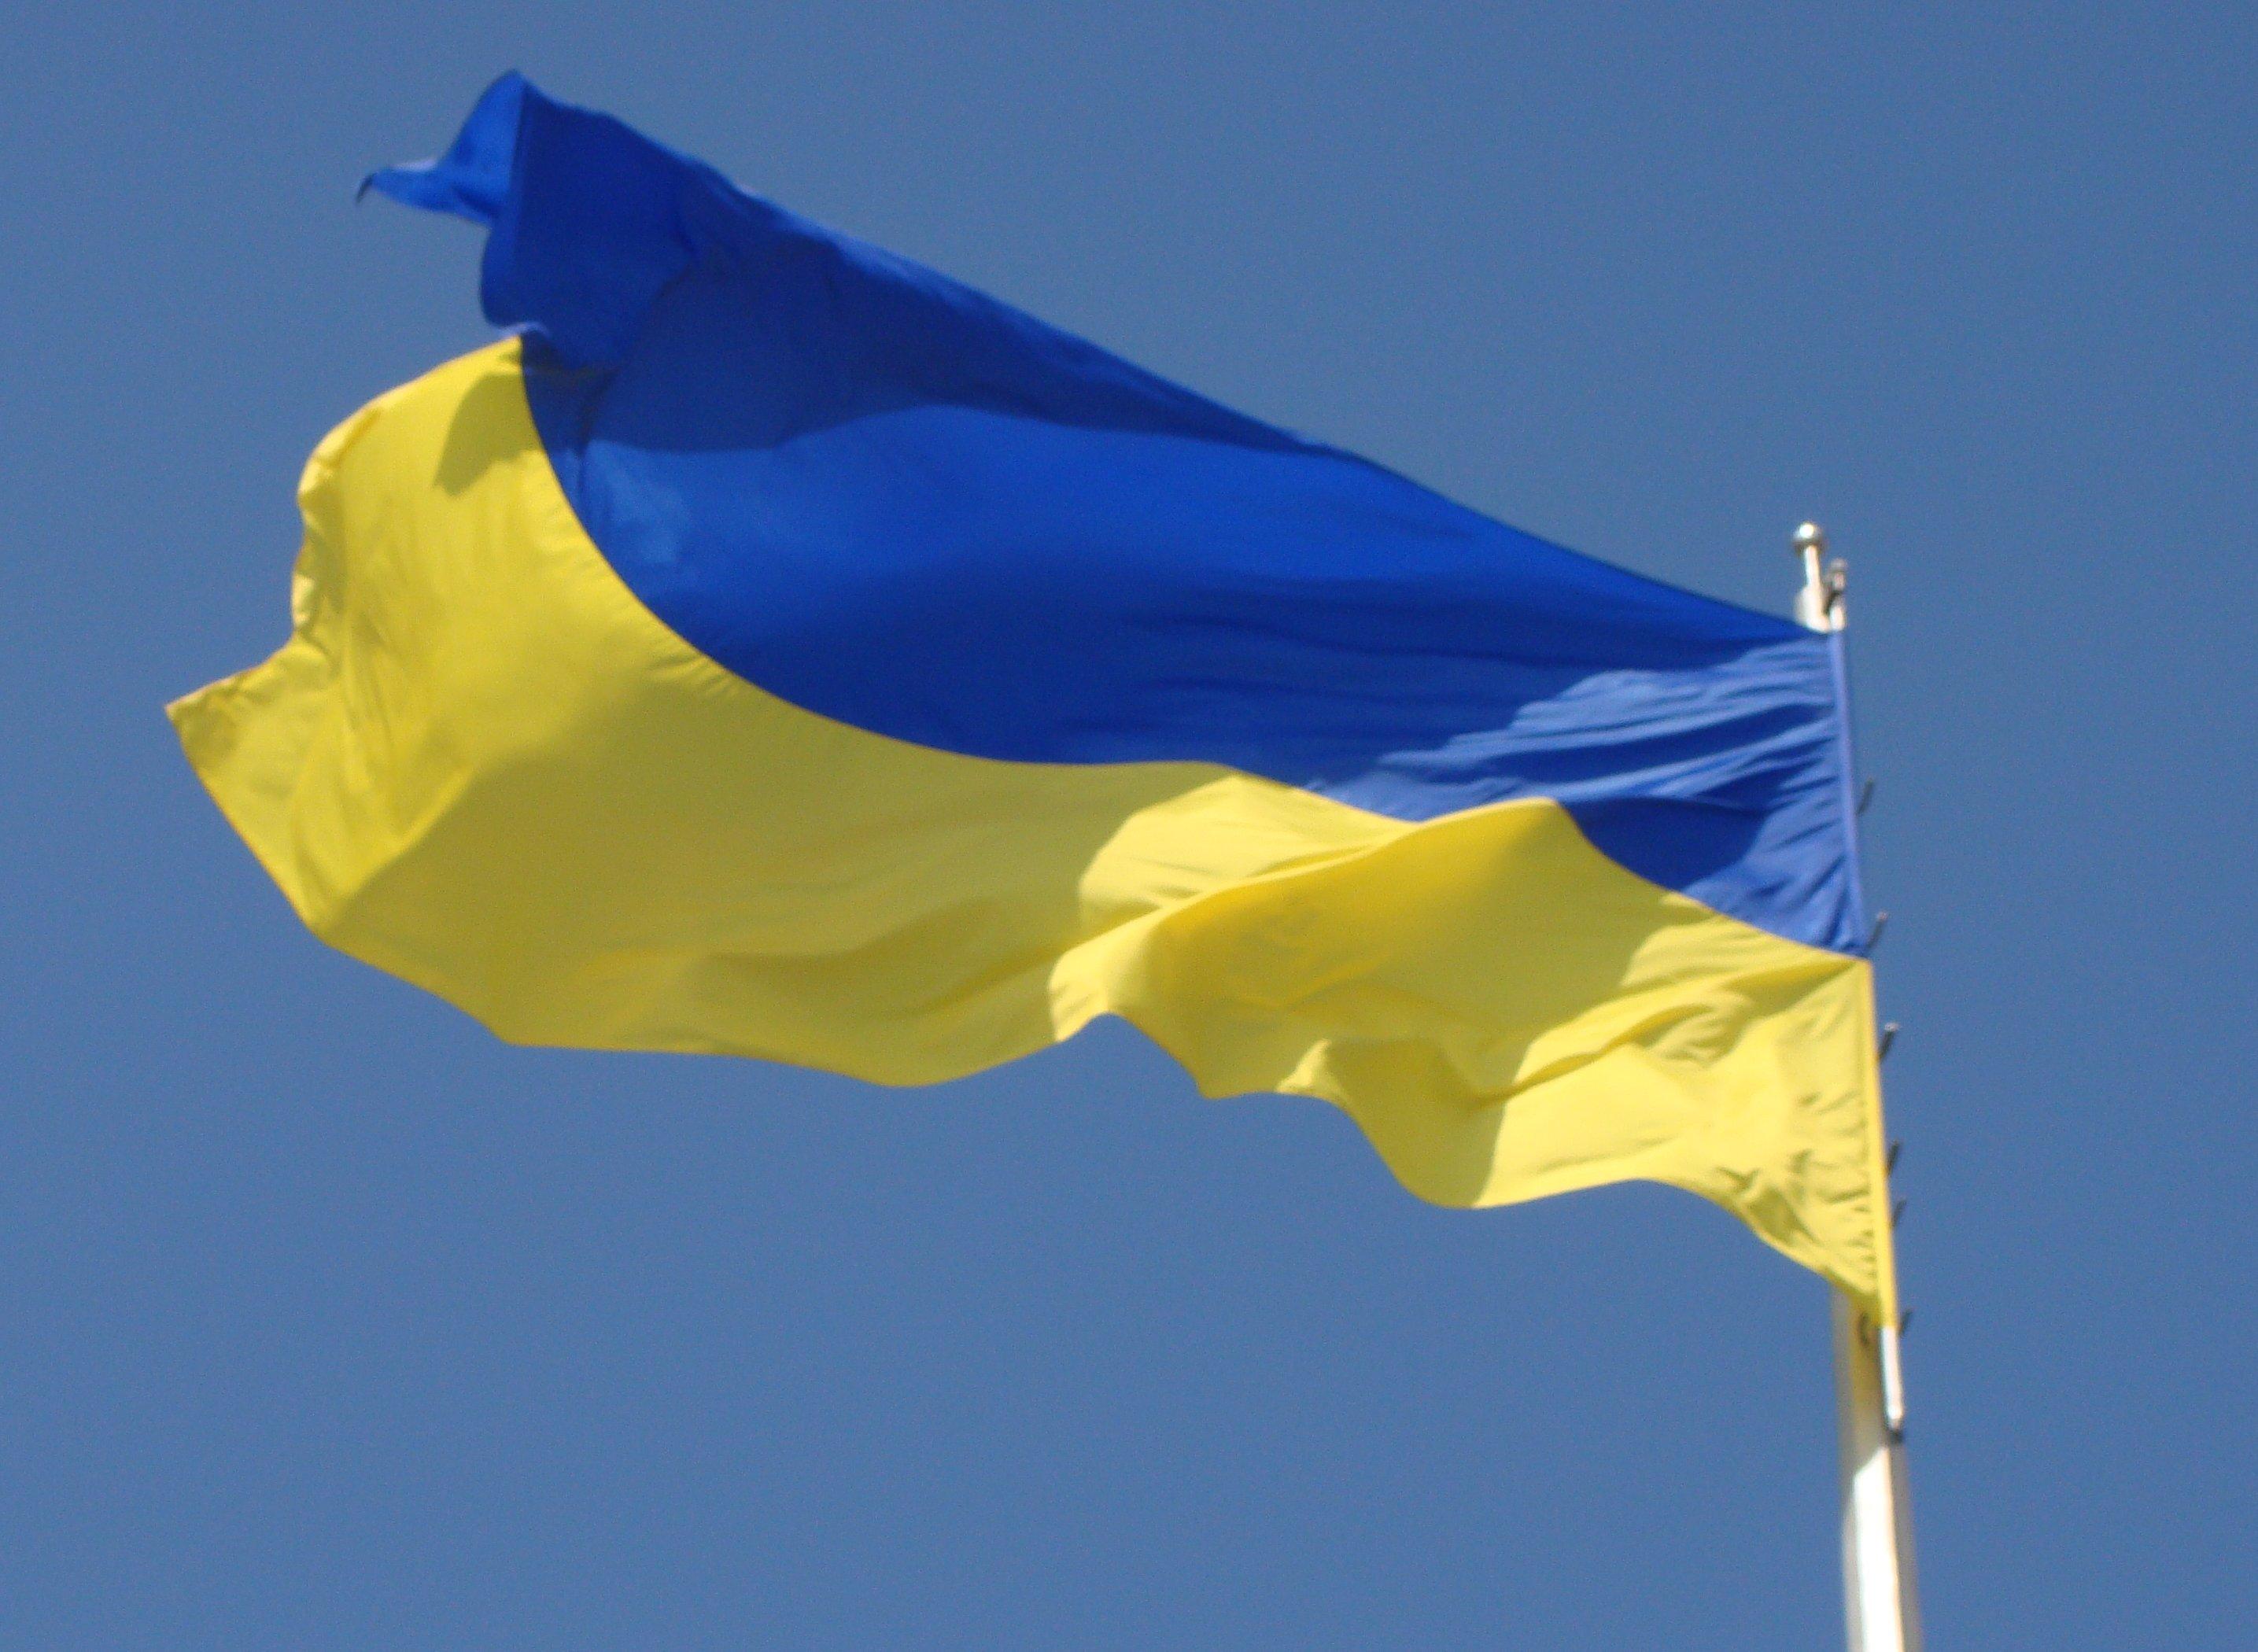 Praca w Polsce wśród naszych wschodnich sąsiadów przestała już być traktowana jako nowe zjawisko. (fot. flickr.com/CC BY 2.0)